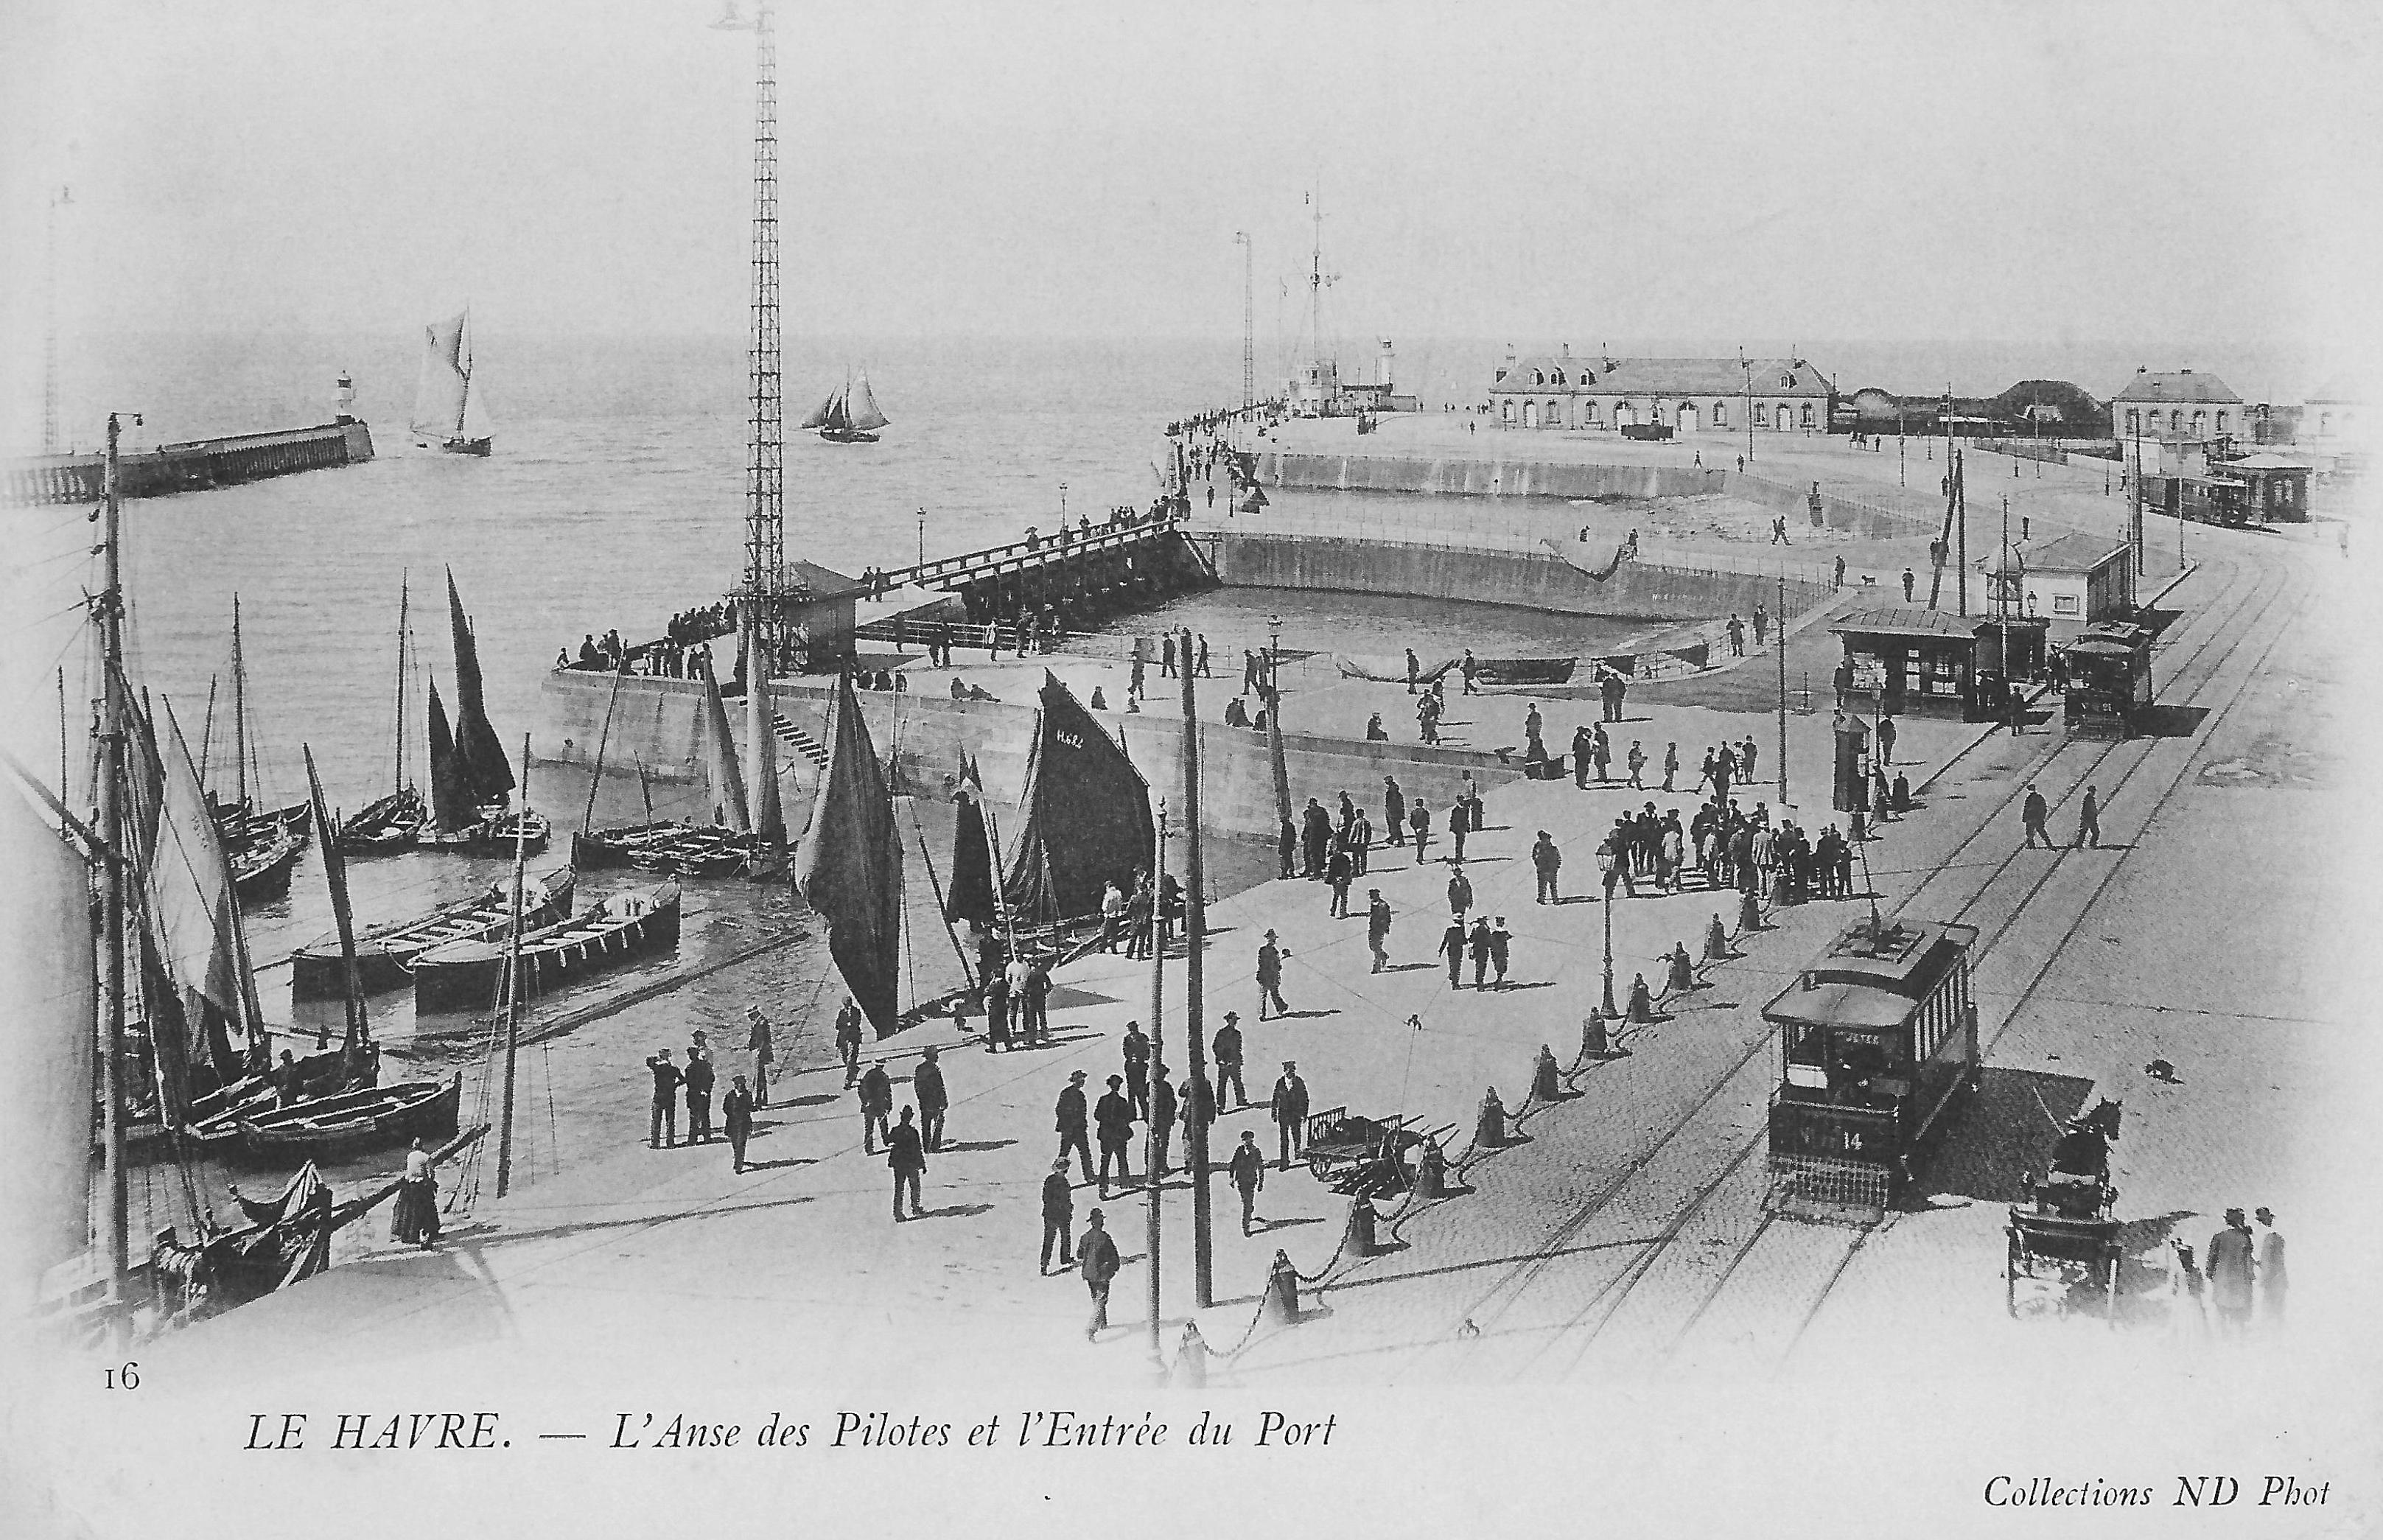 Le Havre L'Anse des Pilotes.jpg